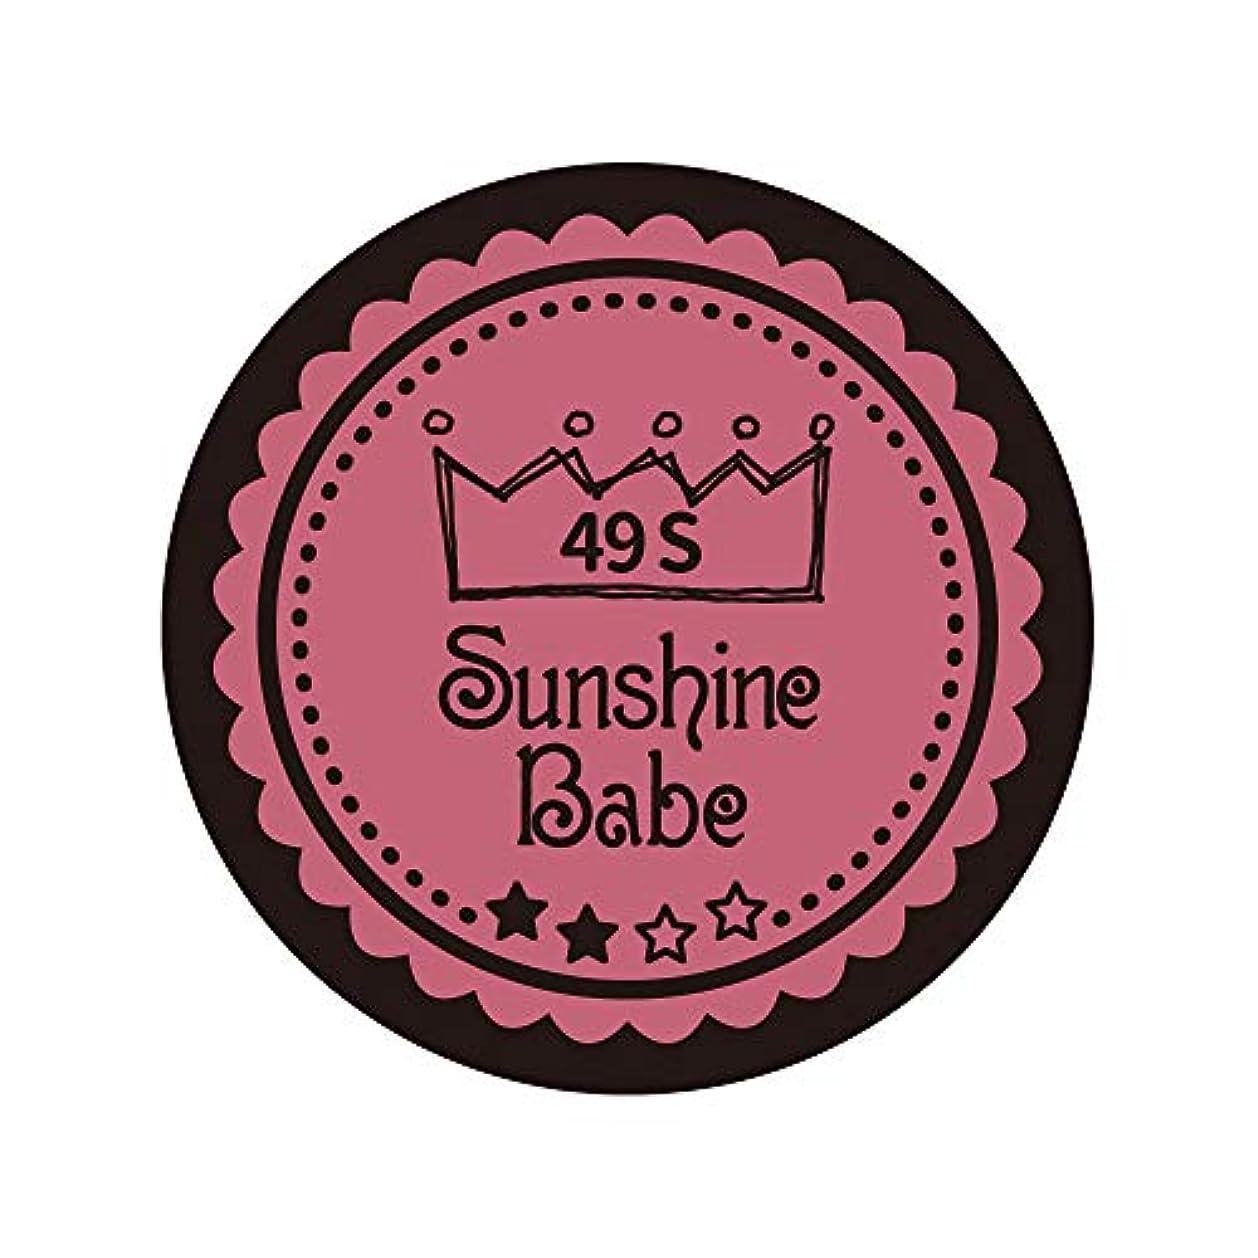 値するモールス信号ピカリングSunshine Babe カラージェル 49S カシミアピンク 2.7g UV/LED対応